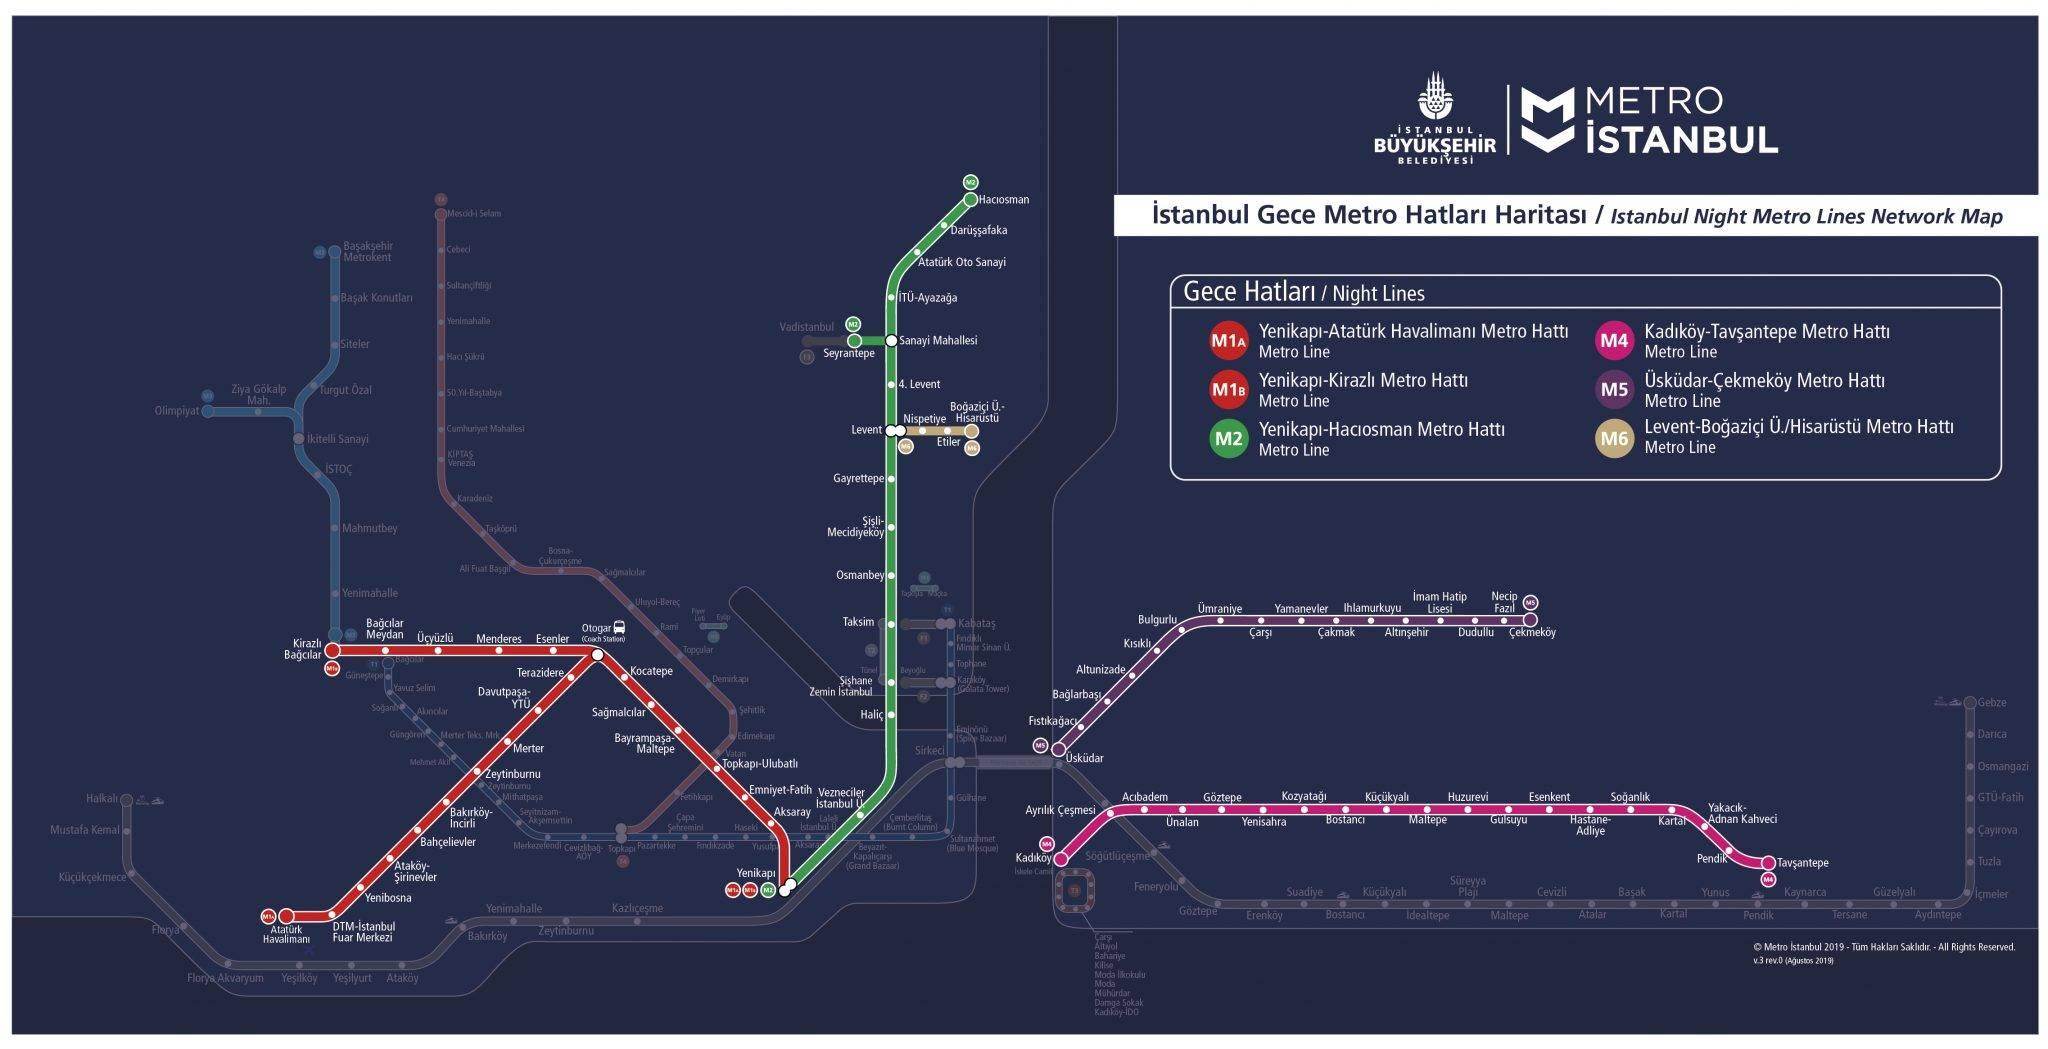 Общественный транспорт стамбула 2021: цены, как купить билеты. метро, автобусы, трамваи, паромы, такси, карты — туристер.ру